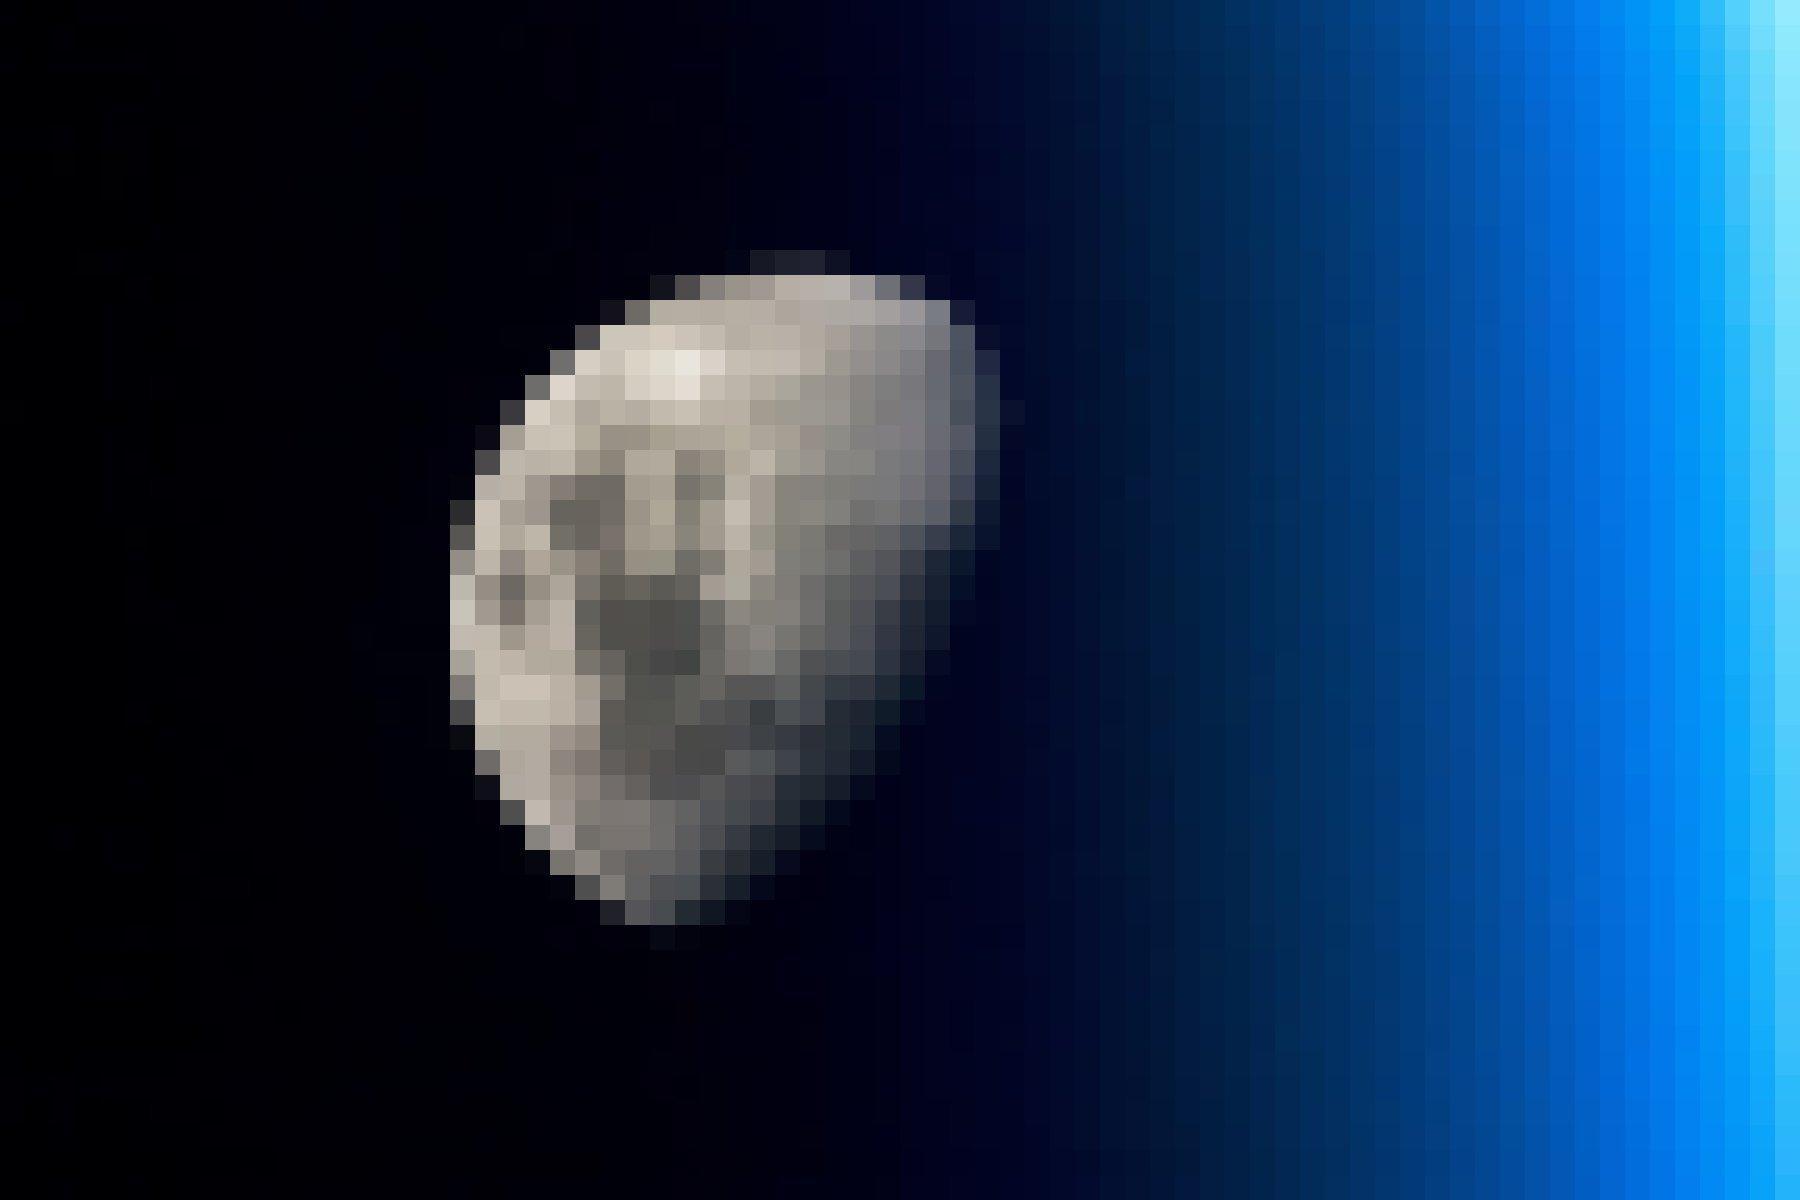 Der Mond vom Erdorbit aus fotografiert, im Vordergrund die blaue Erdatmosphäre.